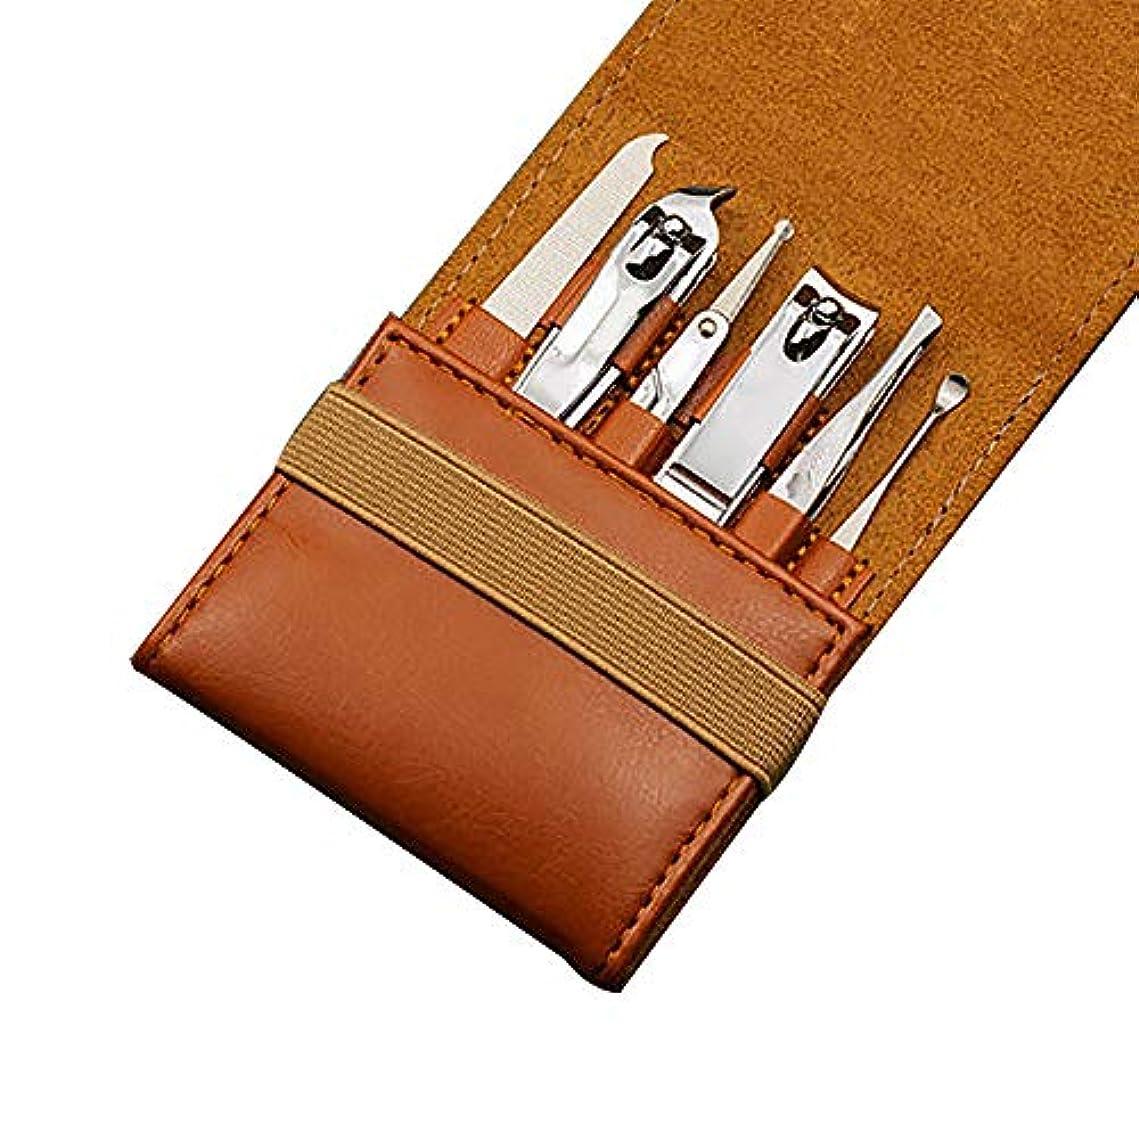 カーテンしなやかな等価かわいい爪切りセット多機能 美容セット高級ブラウンPUレザーケース付き、6点セット